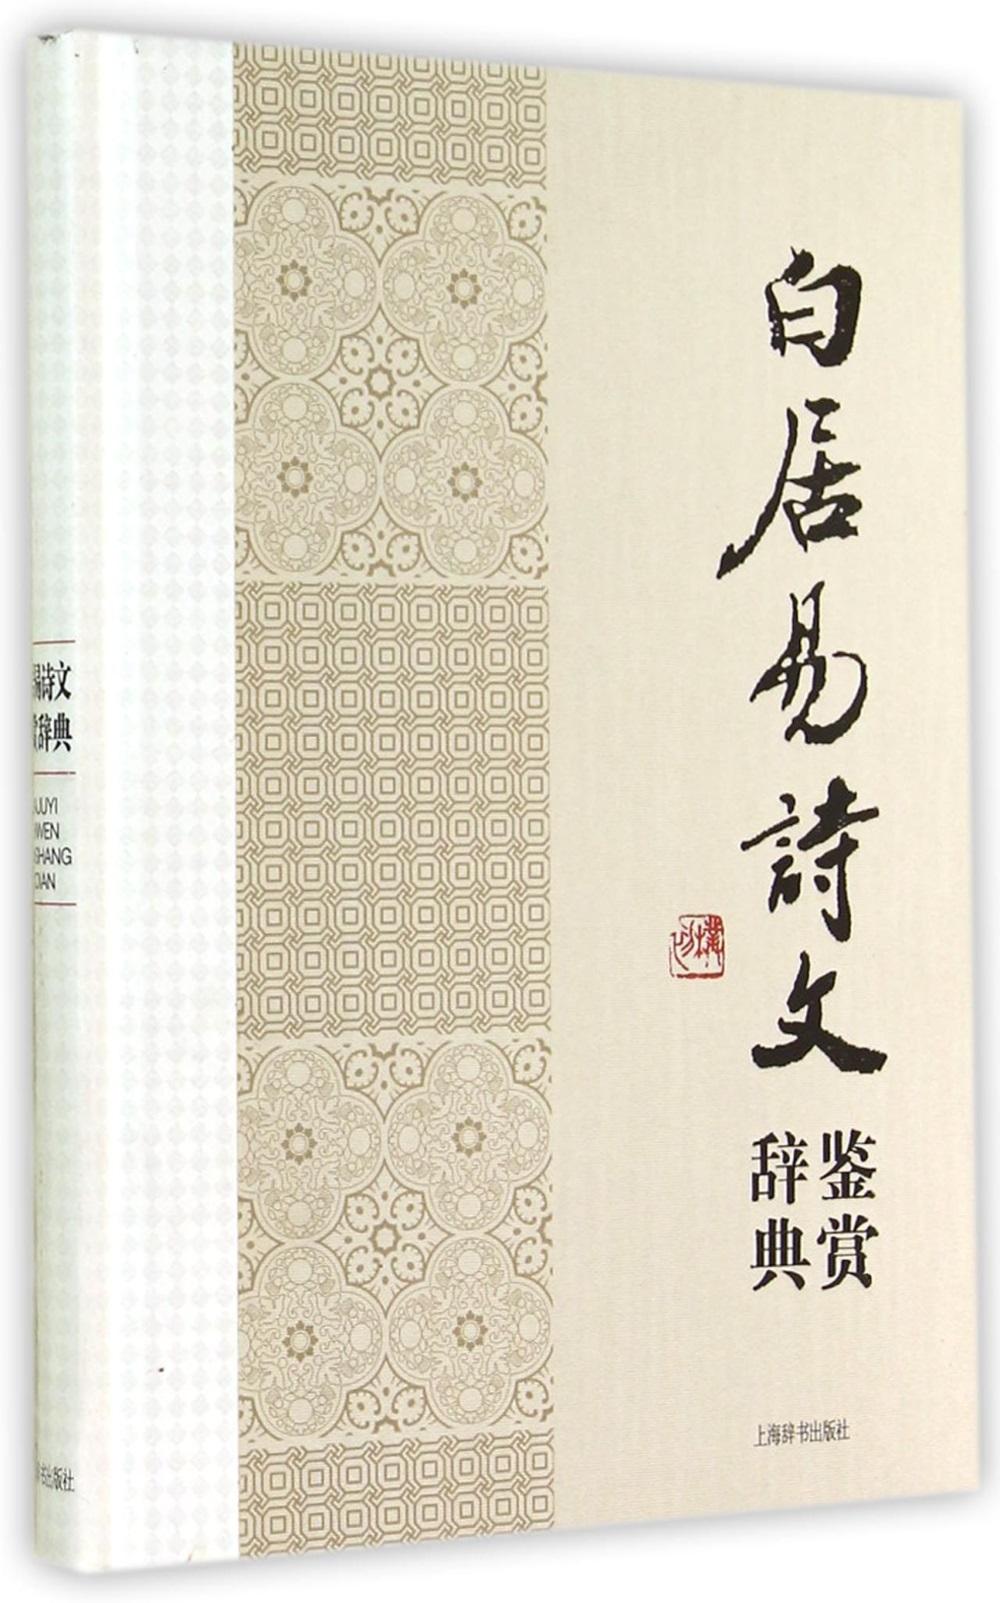 白居易詩文鑒賞辭典